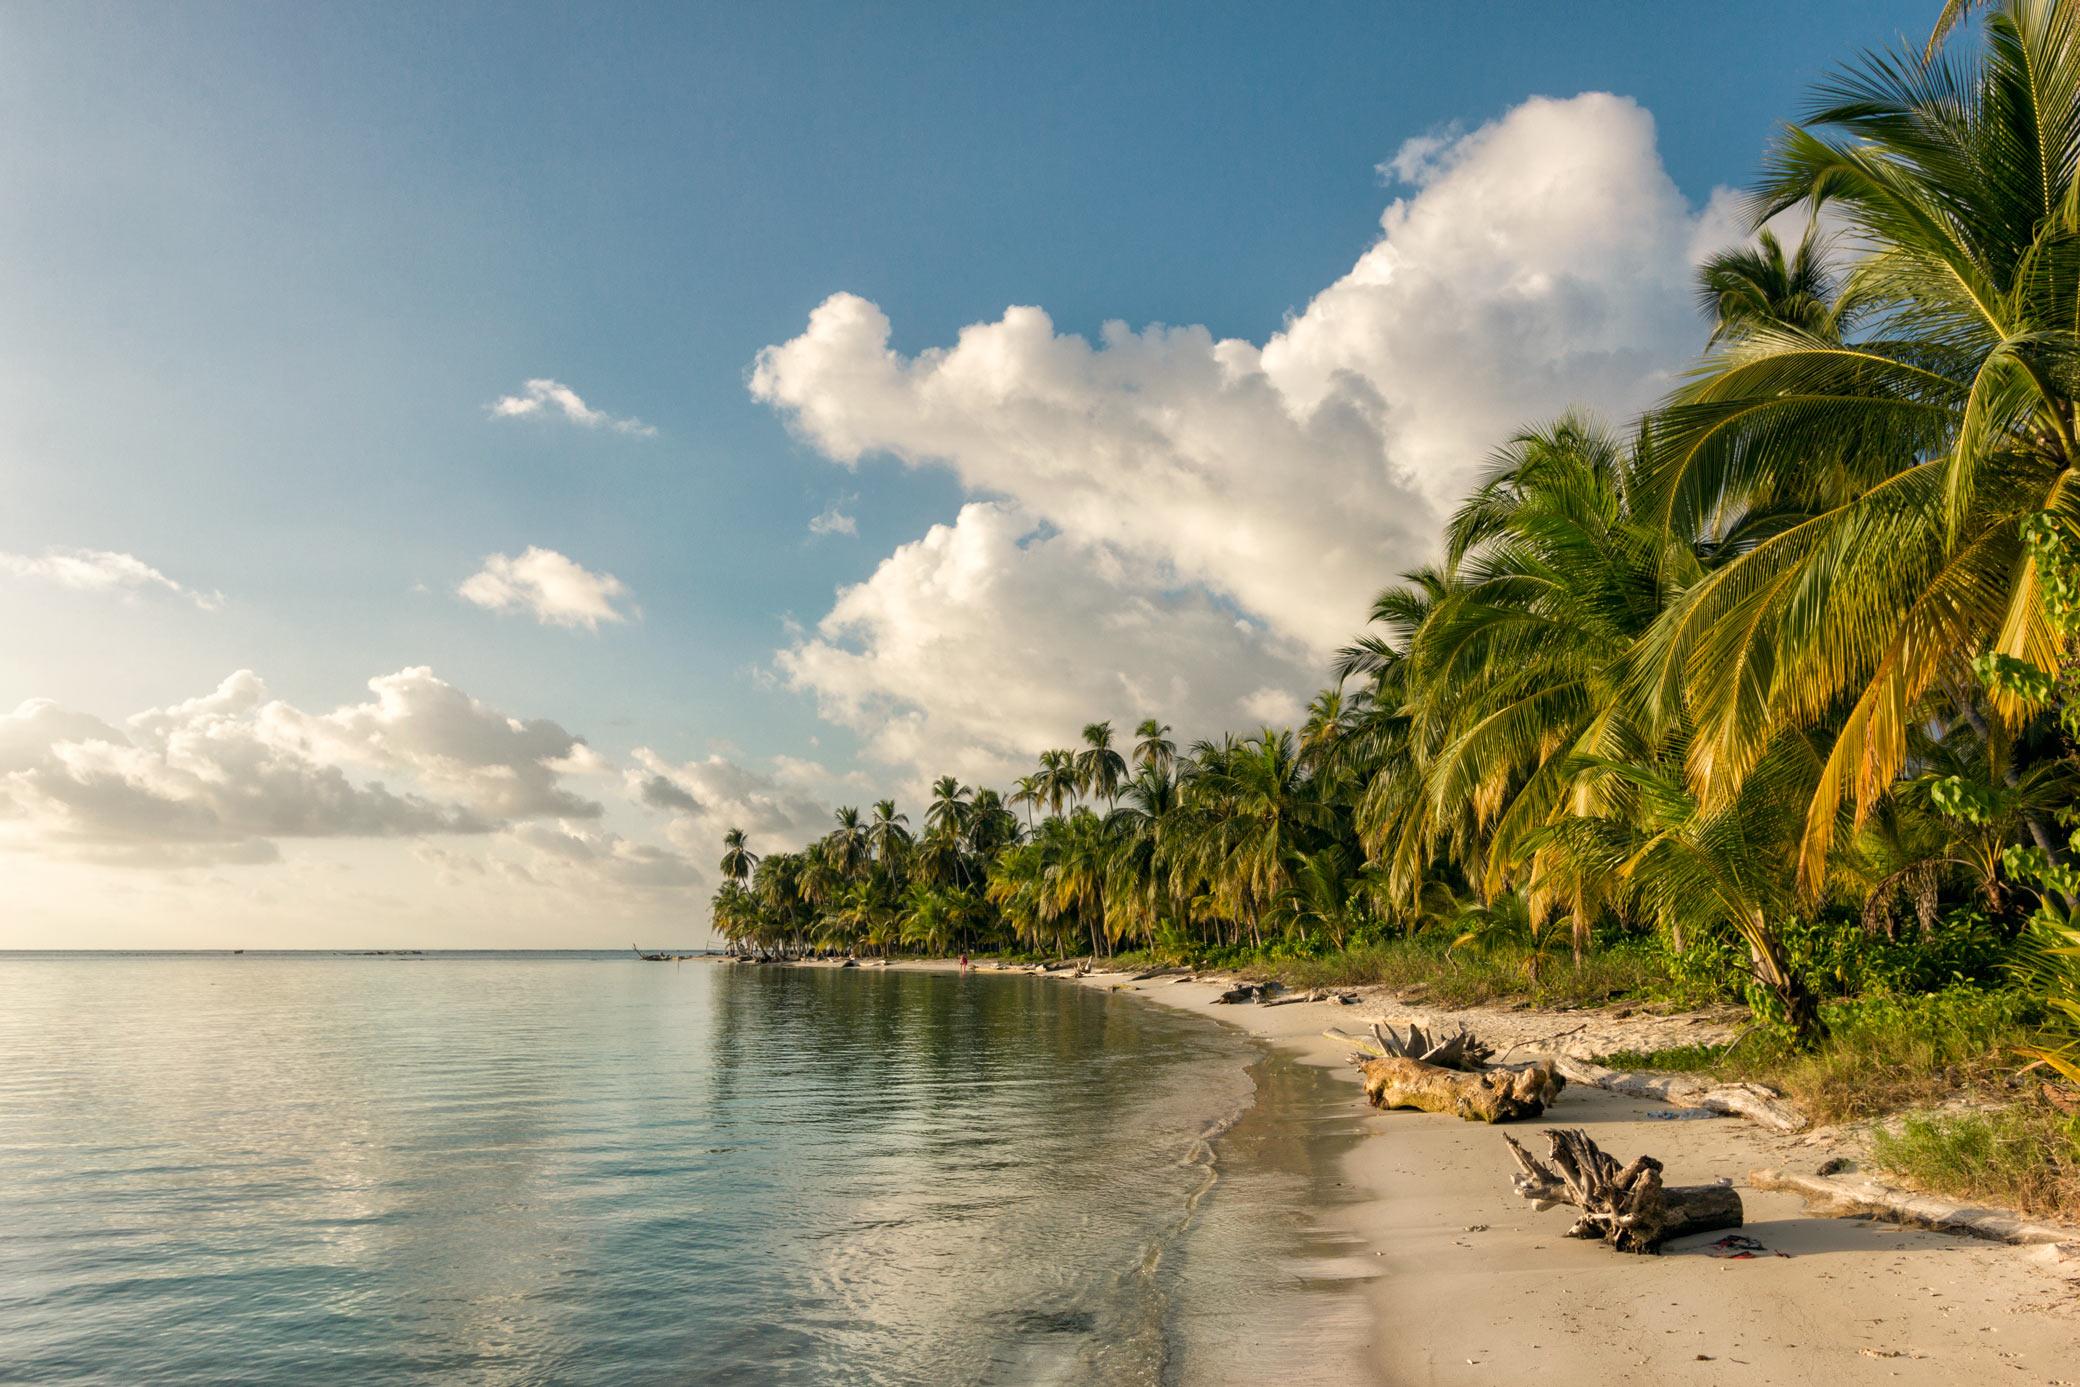 De 365 øer er hjem til Kuna-indianerne, som i høj grad stadig lever som de gjorde, før europæerne kom.